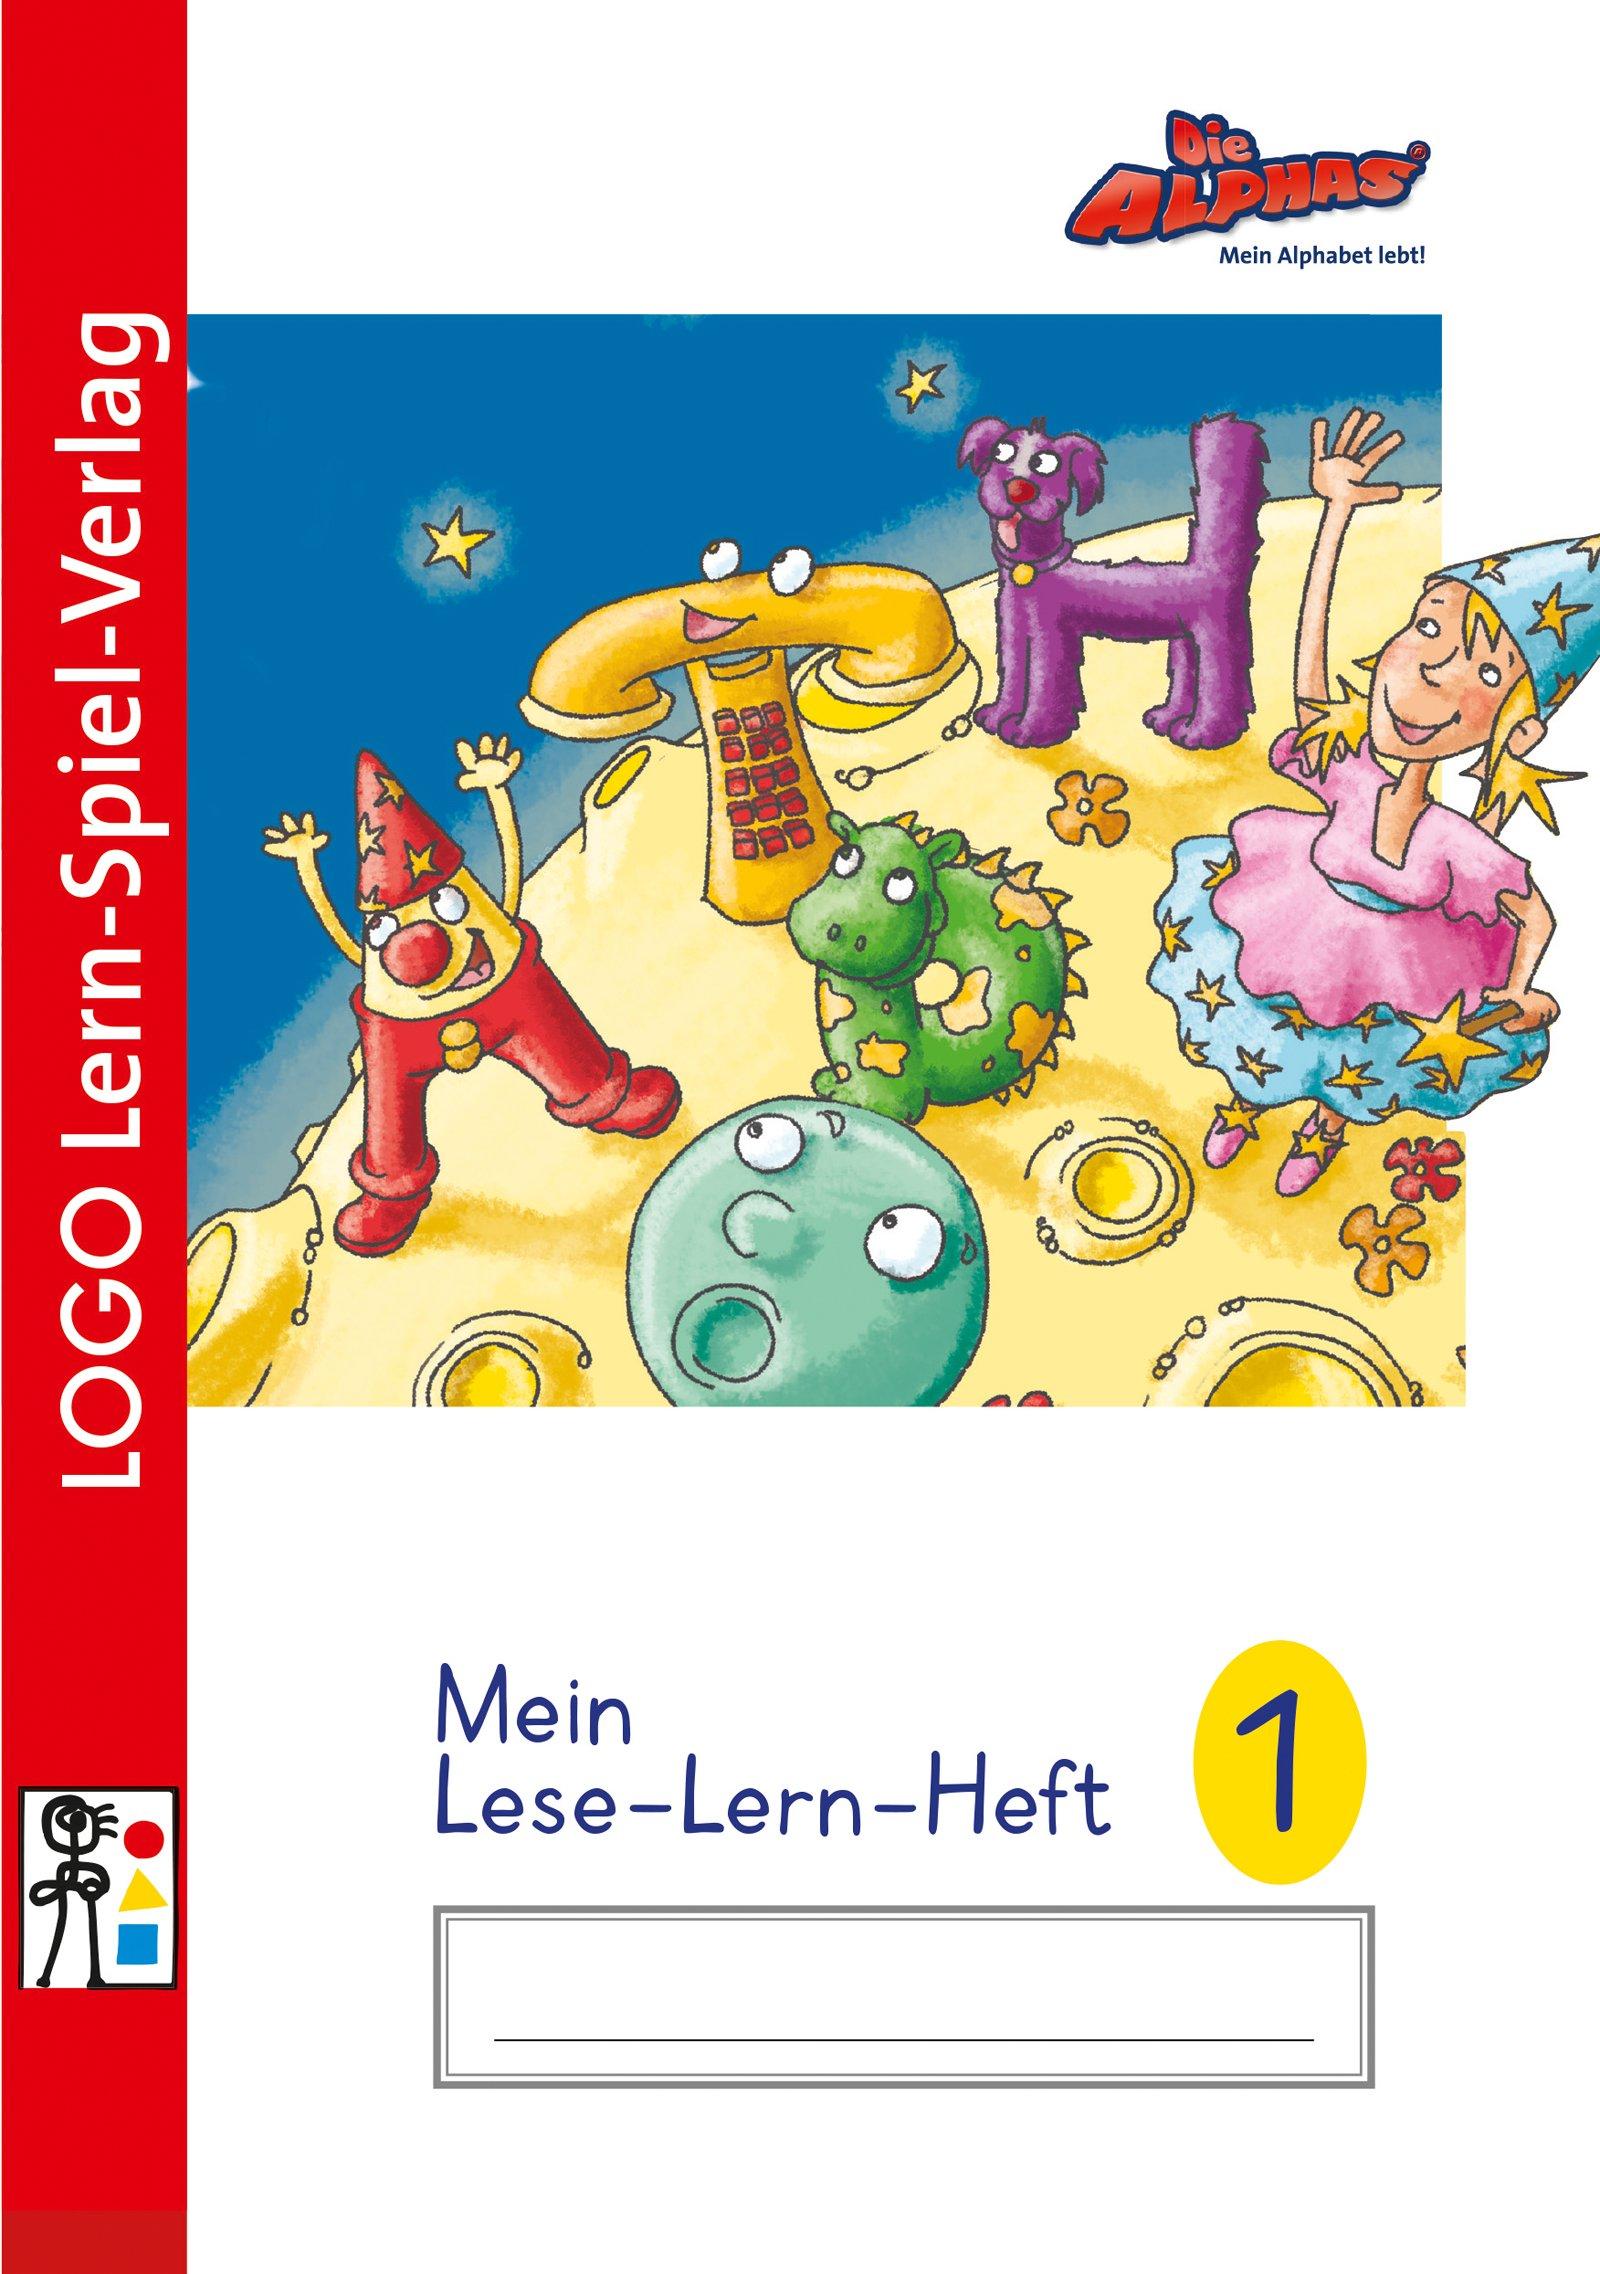 Die Alphas - Mit allen Sinnen Lesen lernen für alle Kinder von 4 - 7 Jahren: Mein Leselernheft 1